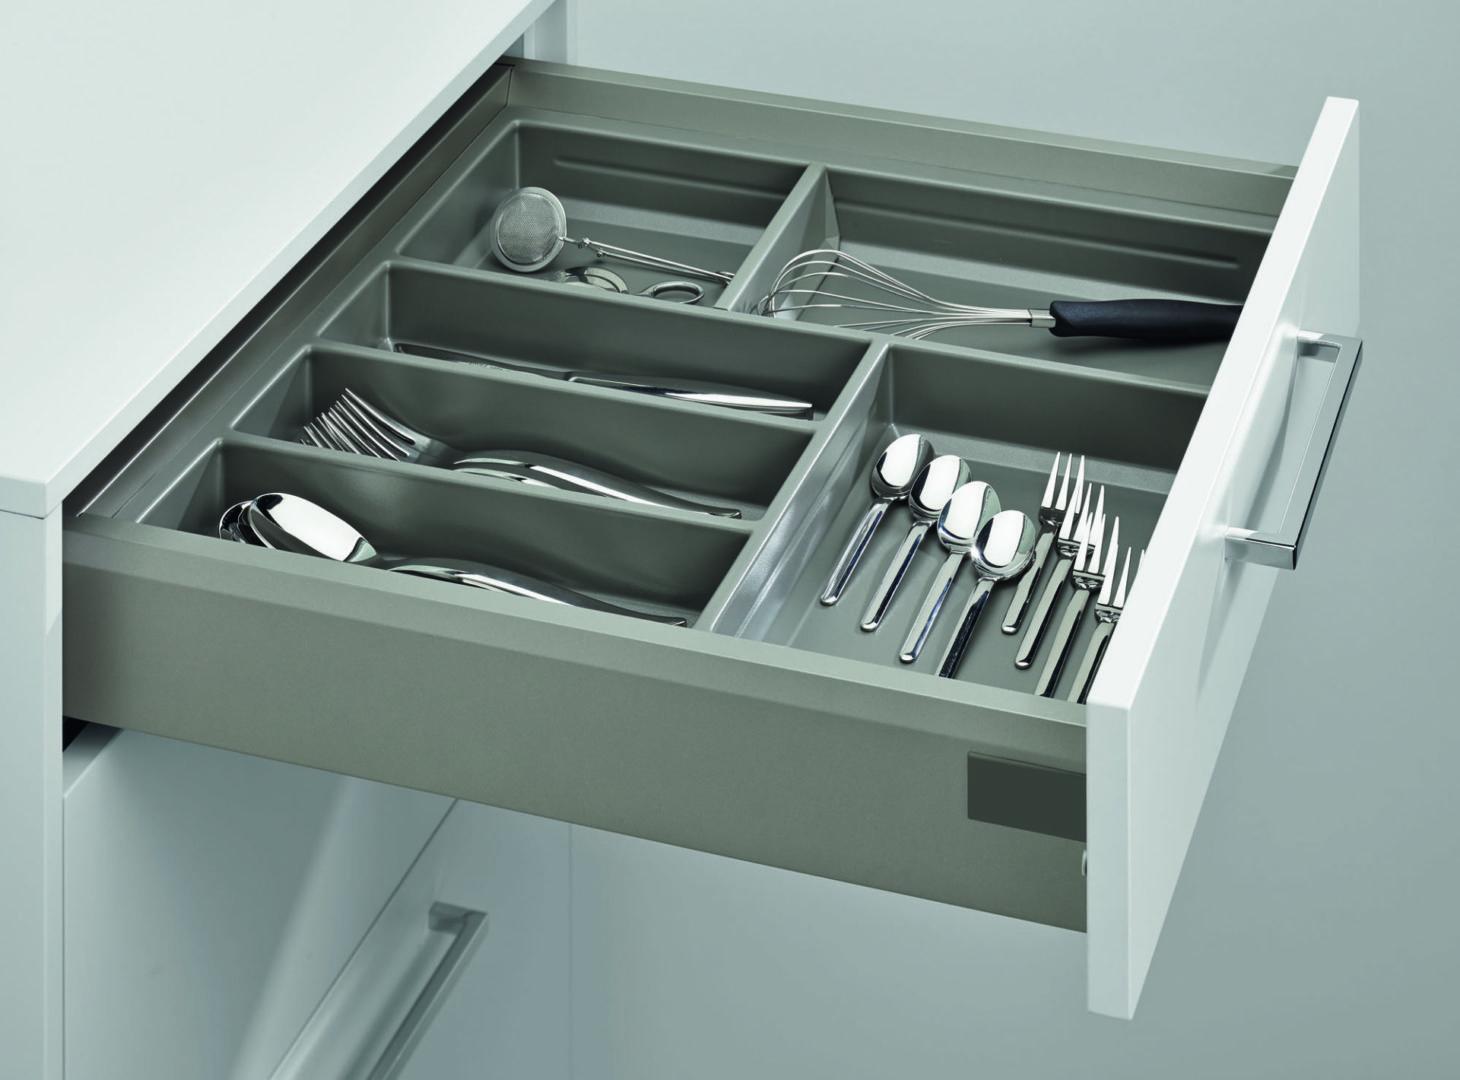 pn SK 1 scaled - Küchenzubehör